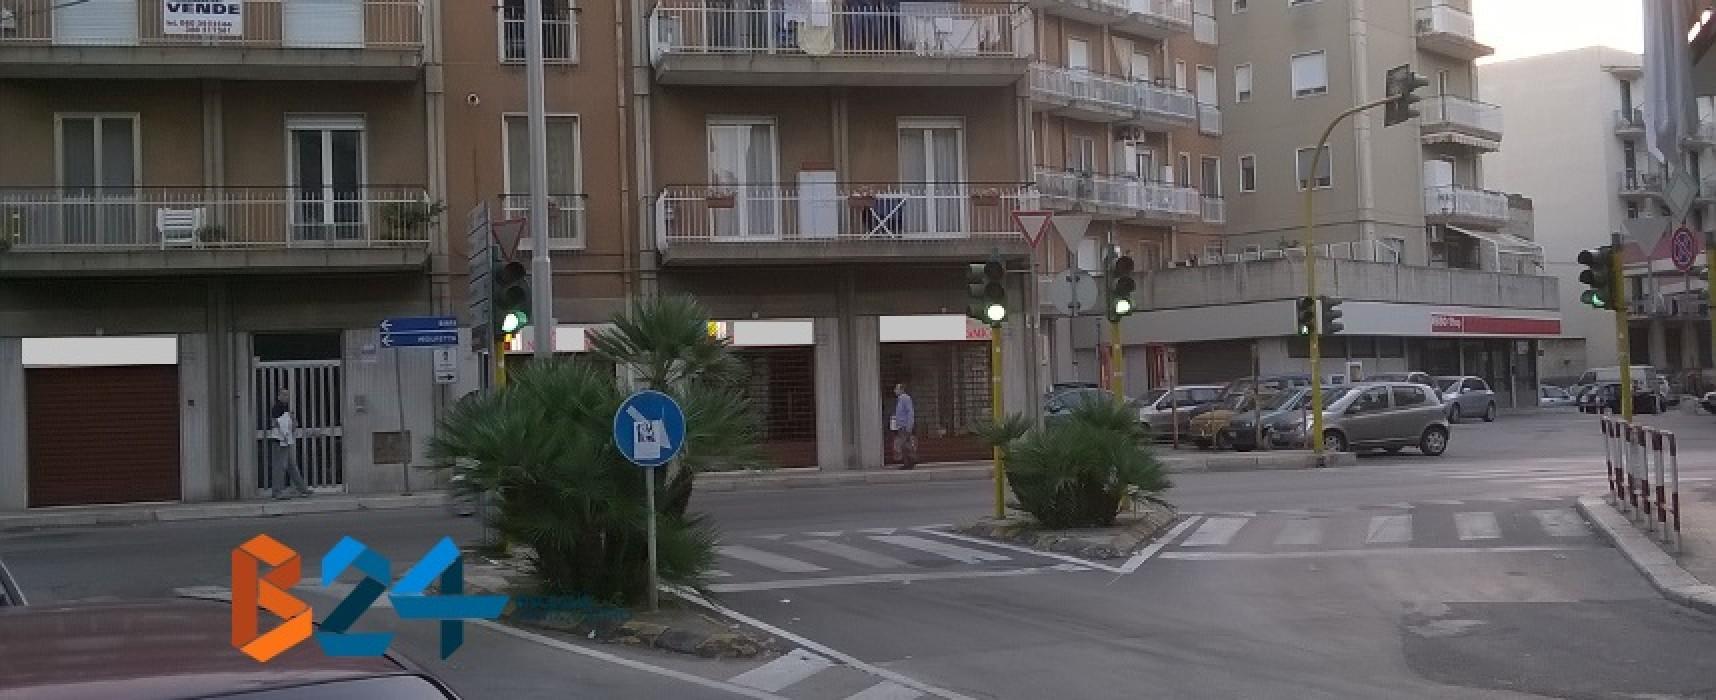 Tornano a funzionare regolarmente i semafori di Via Seminario / Via Imbriani e Via Petronelli